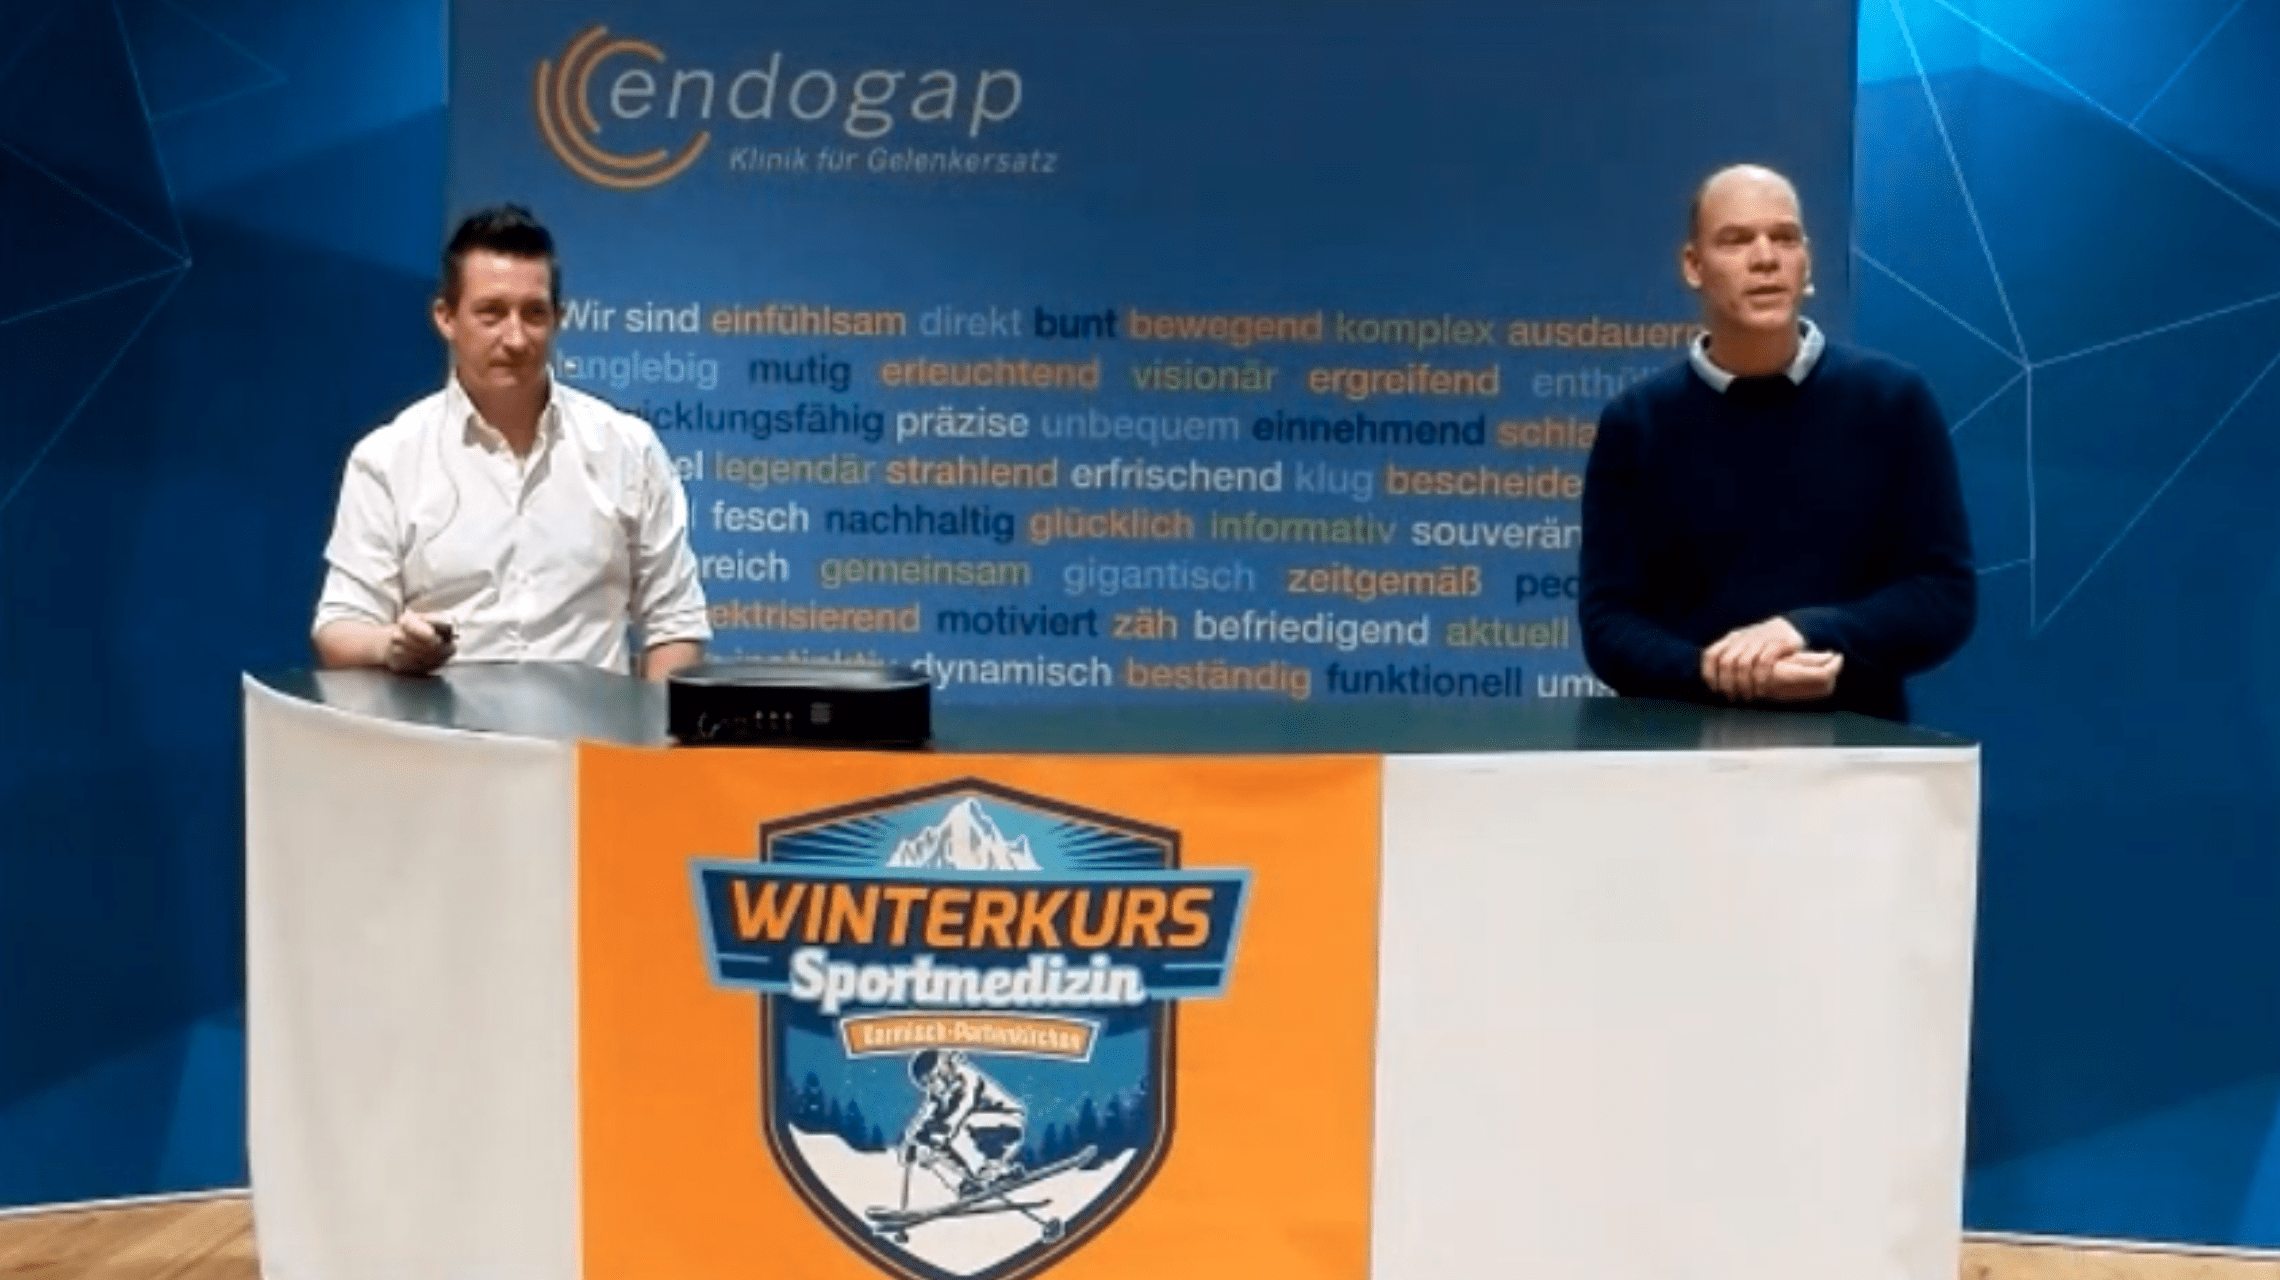 Onlinekurs Sportmedizin Winterkurs 2021 Björn Michel und Lutz Nitsche